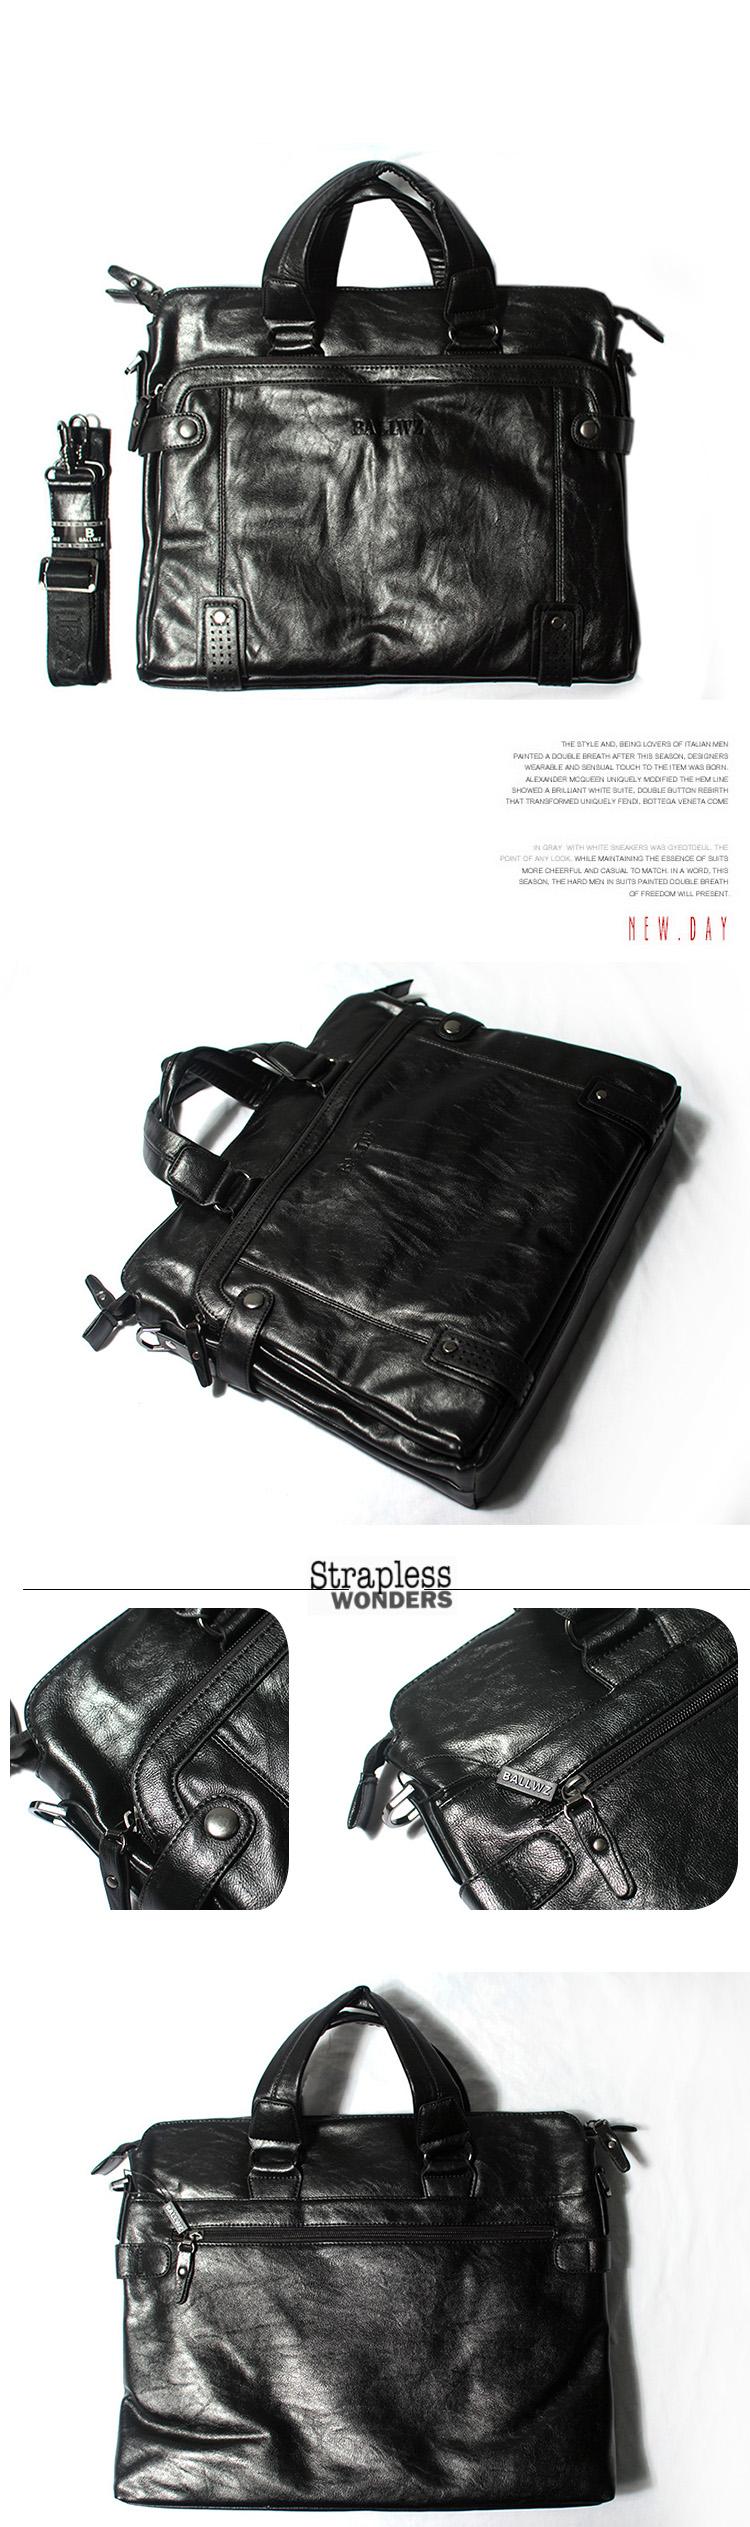 Túi xách da đen txf011 - 1